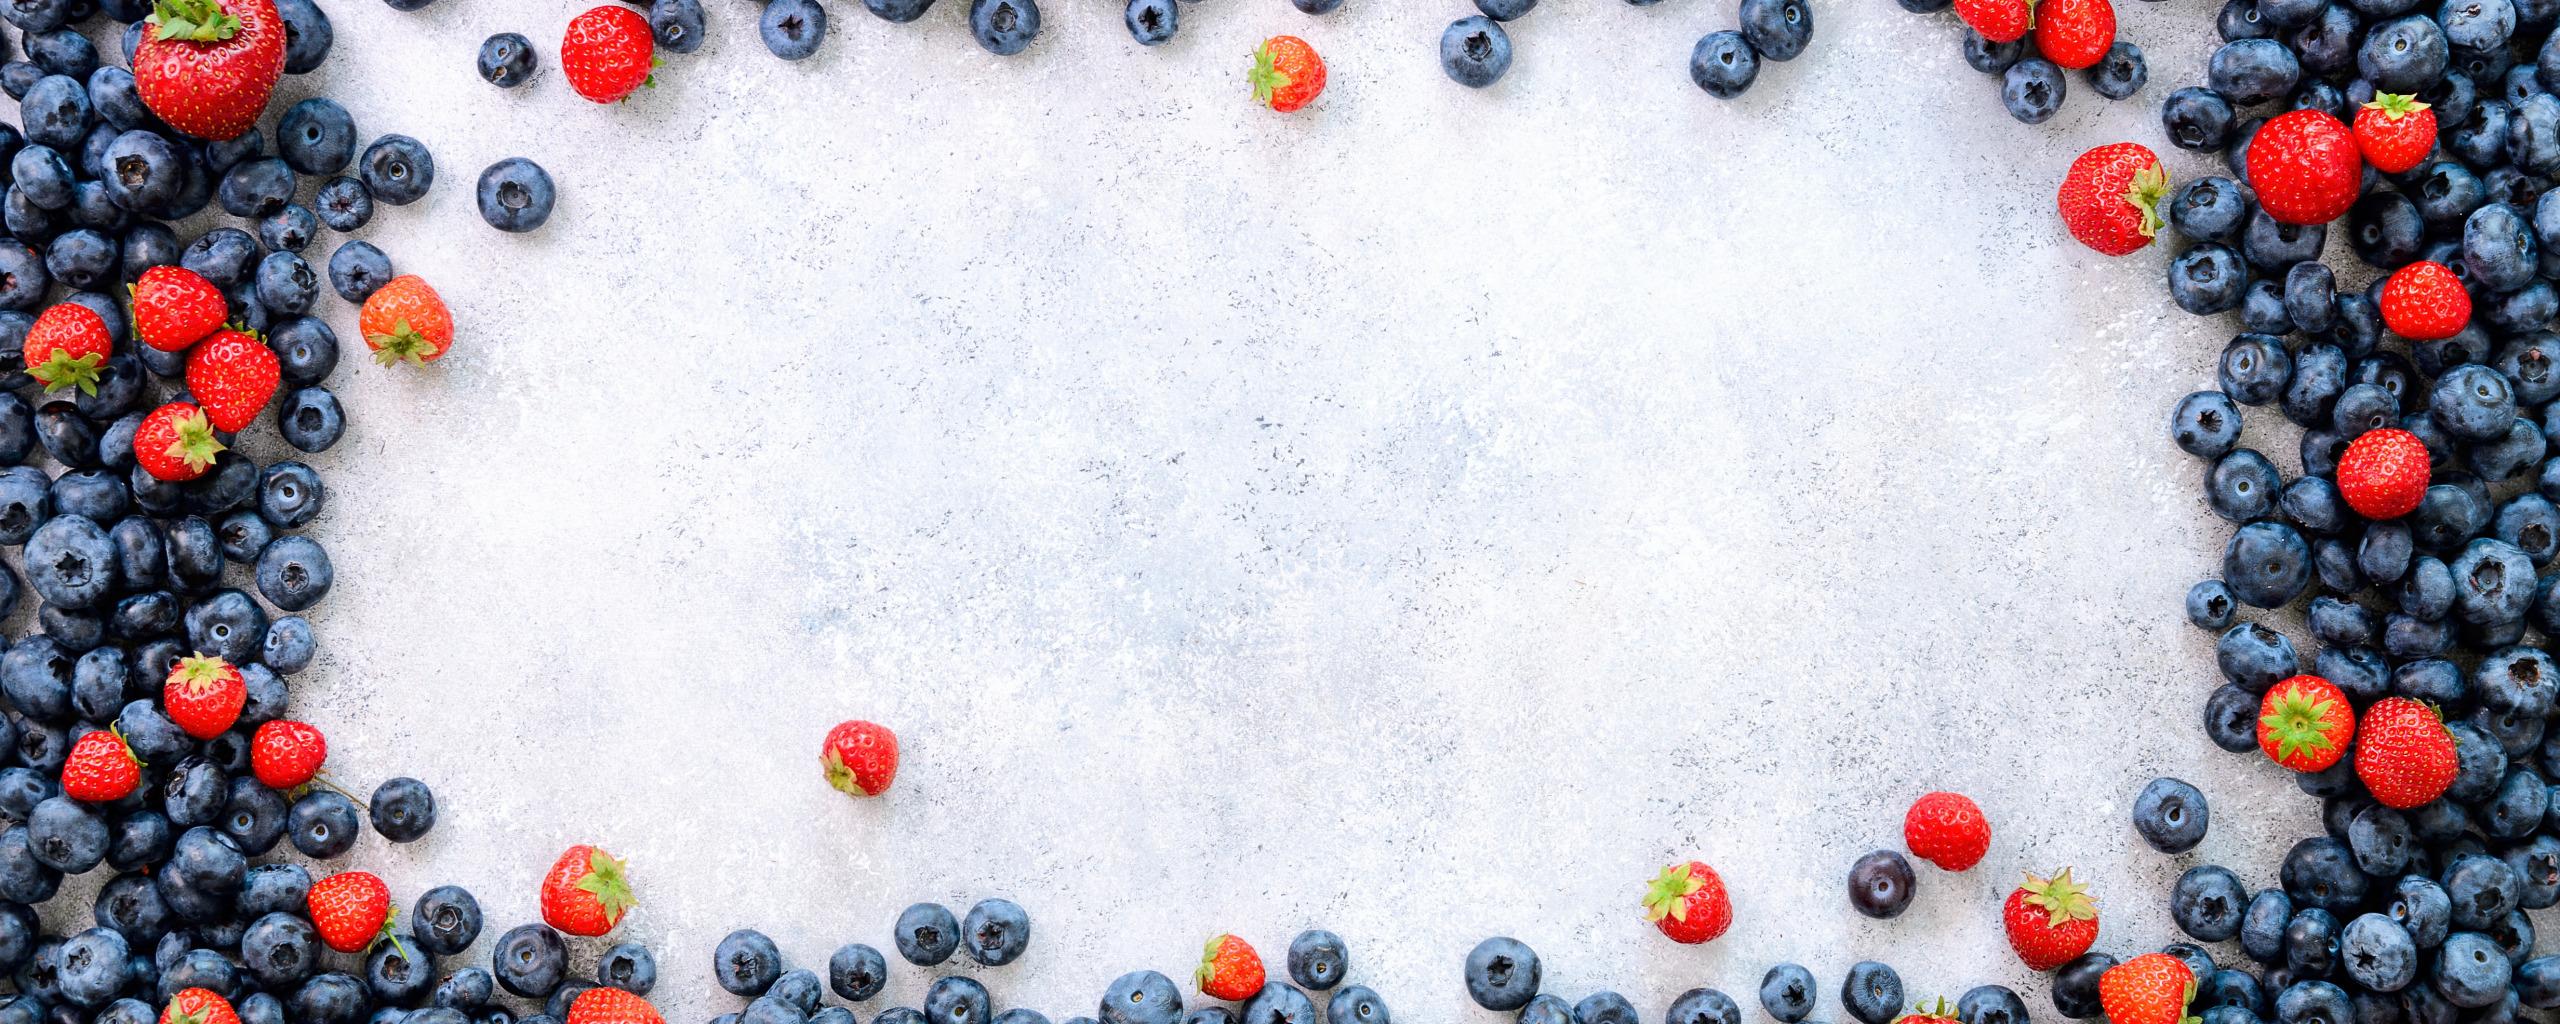 красивый фон для открытки ягоды родителей своих порадовала